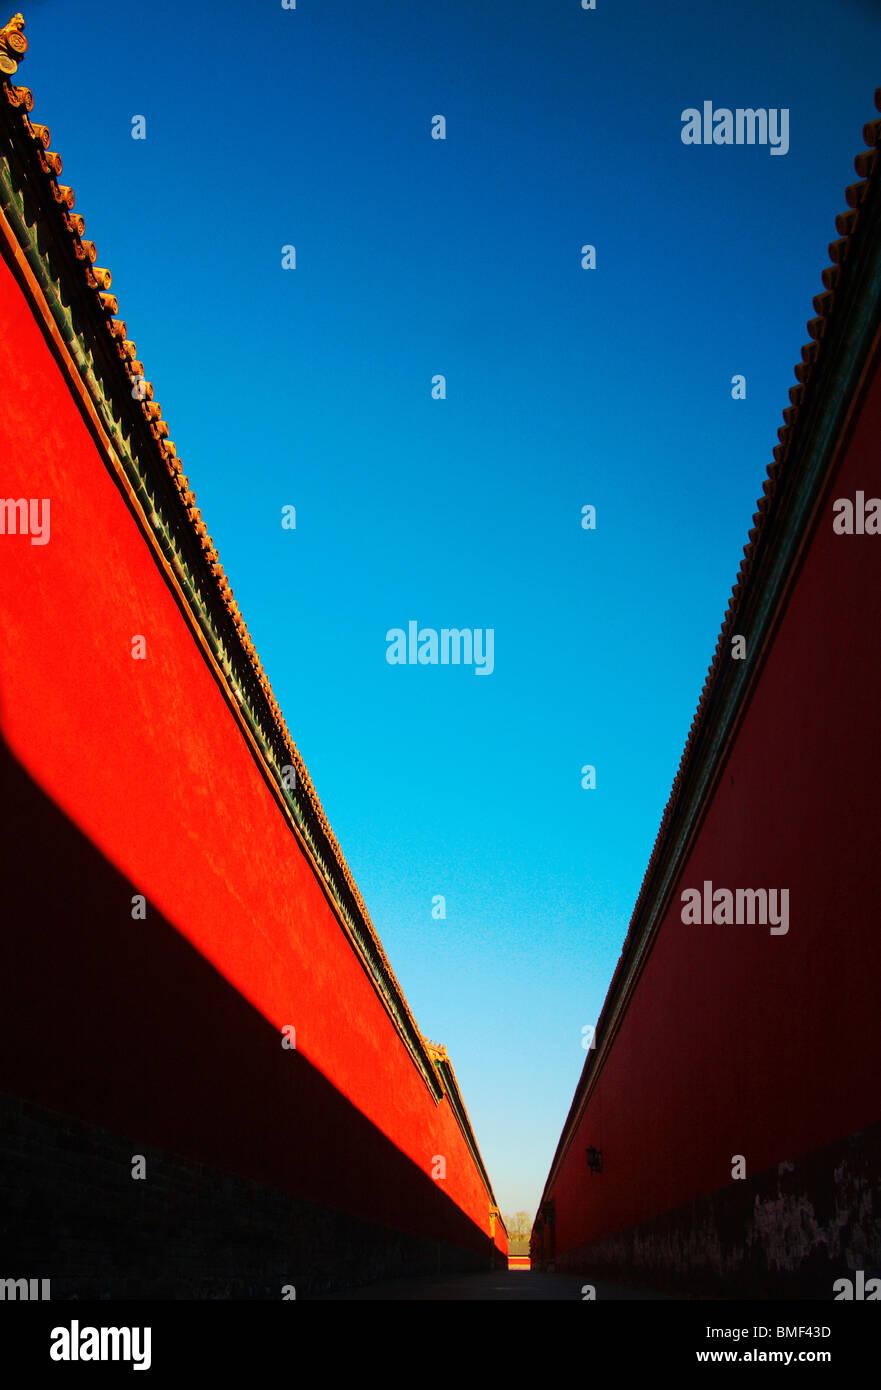 Palais rouge mur de la Cité Interdite, Pékin, Chine Banque D'Images